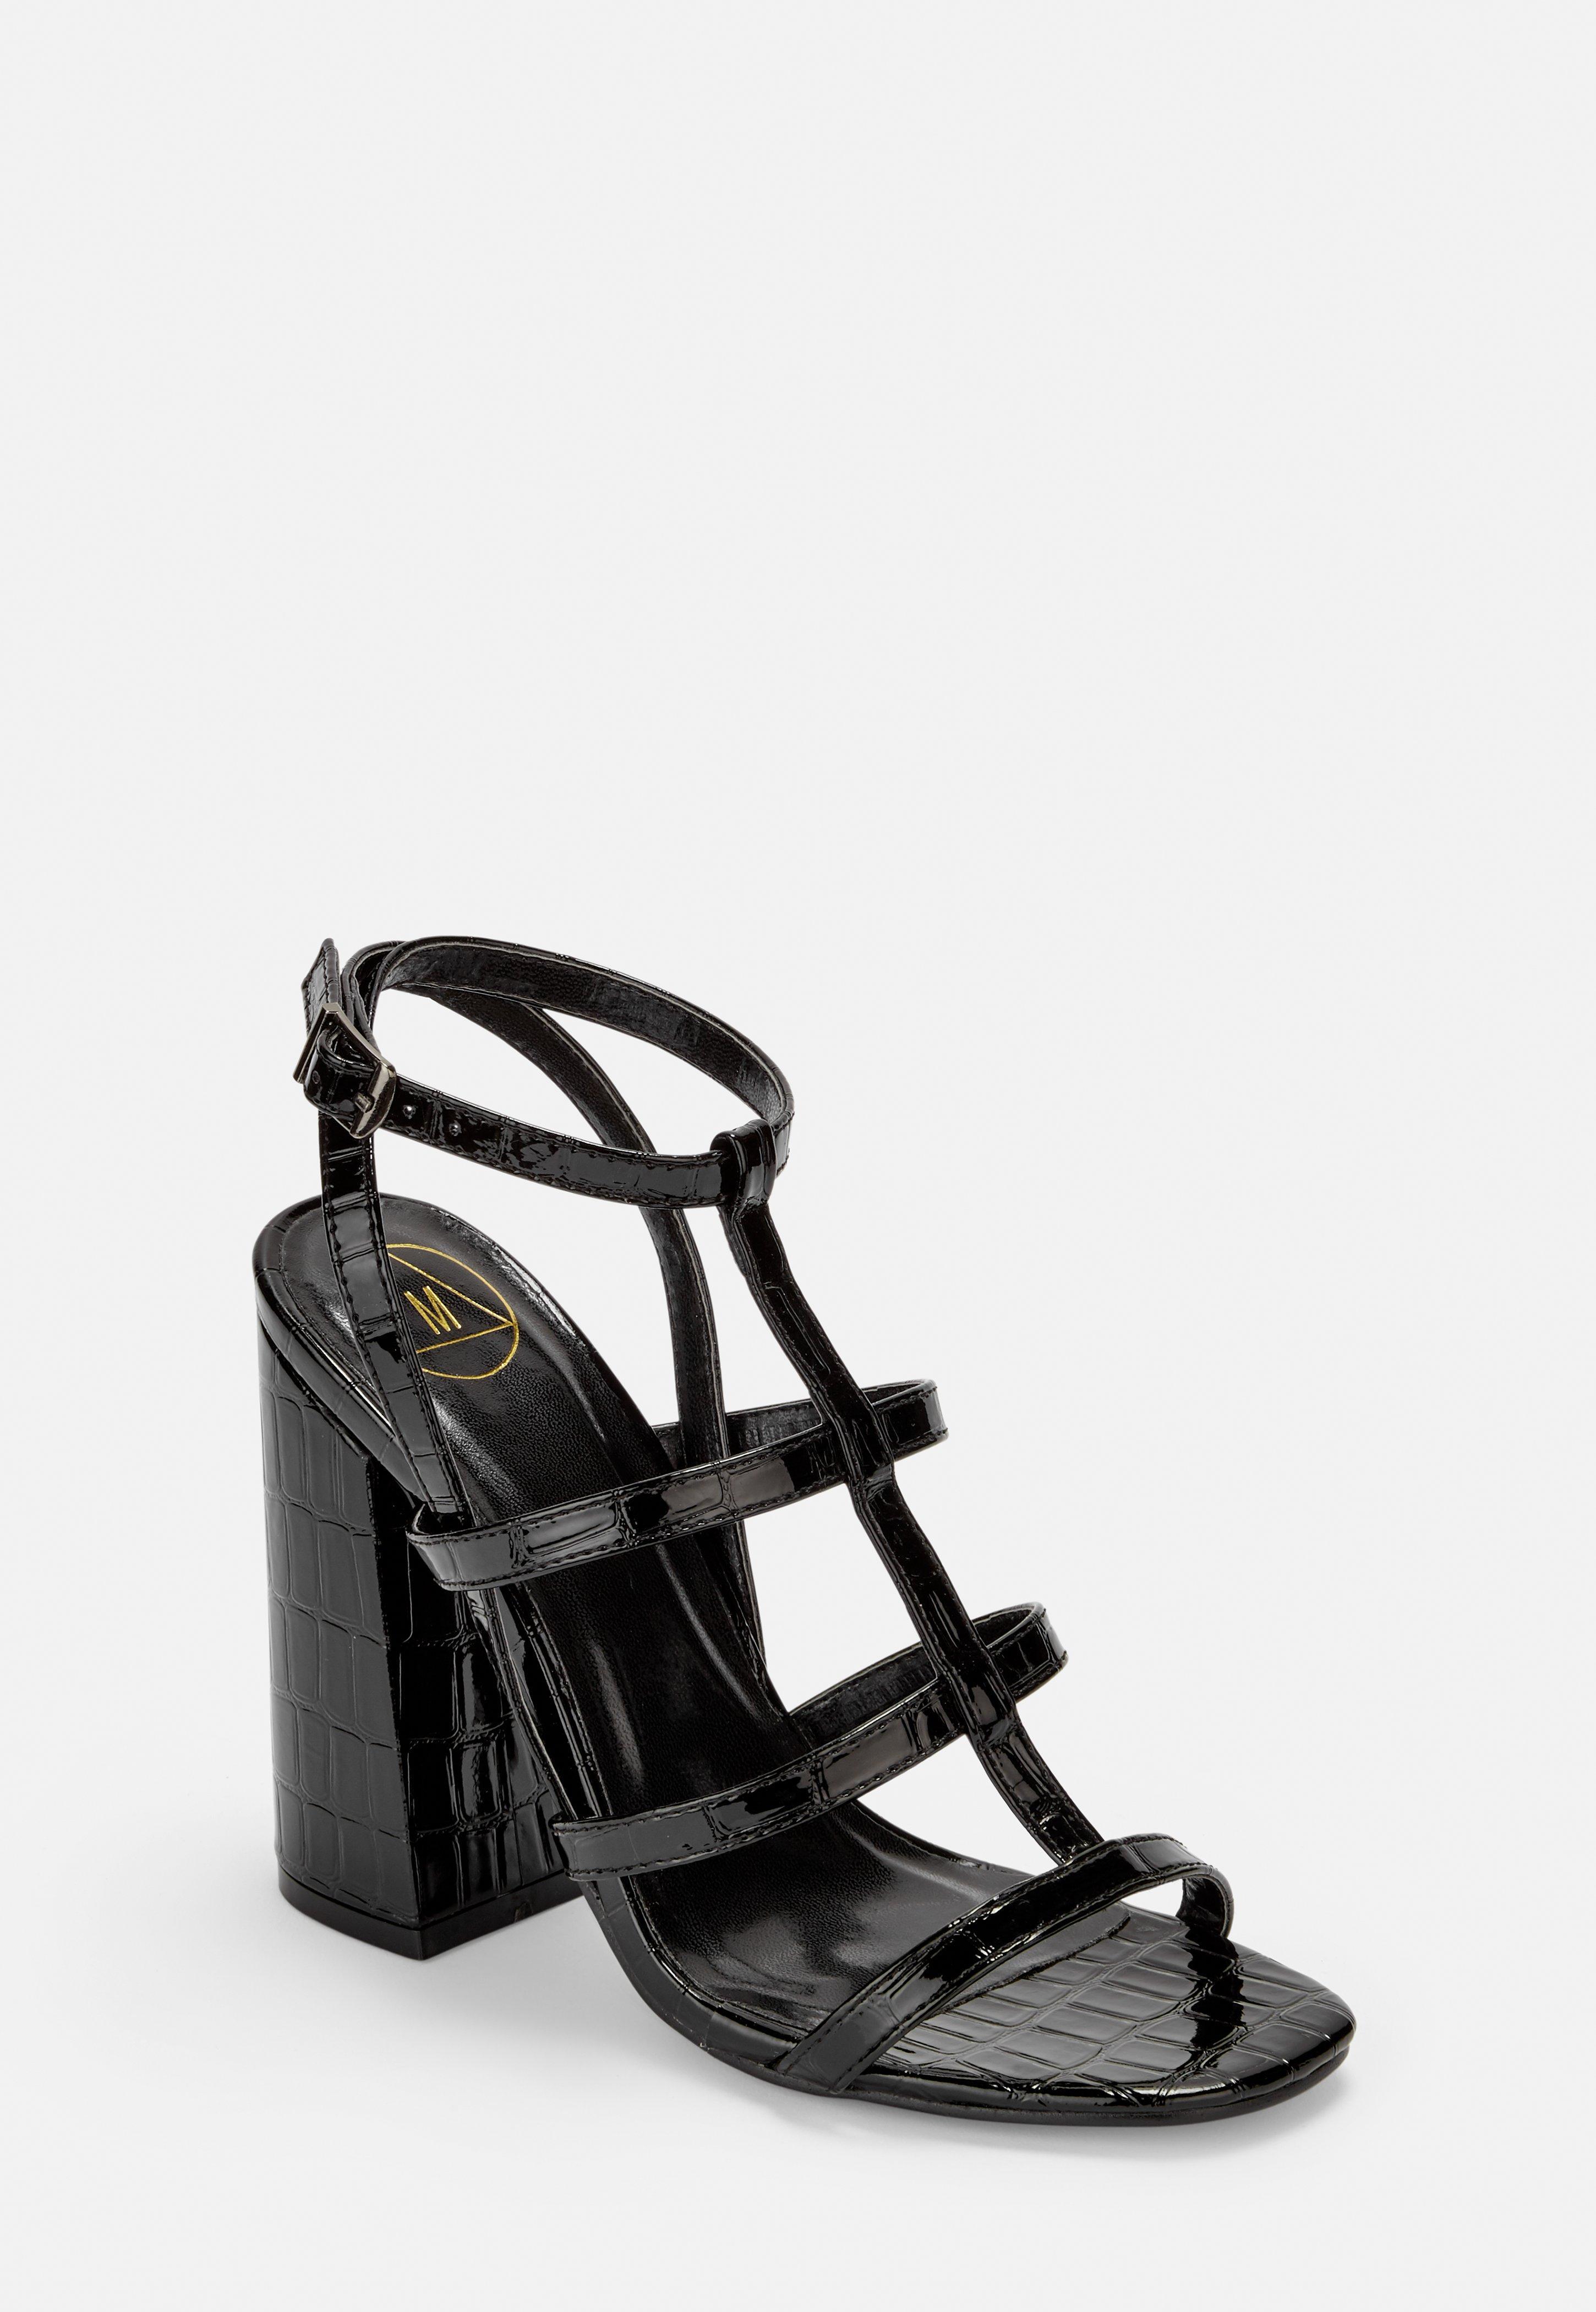 02b5fbaf65 Shoes - Women's Footwear Online   Missguided Australia